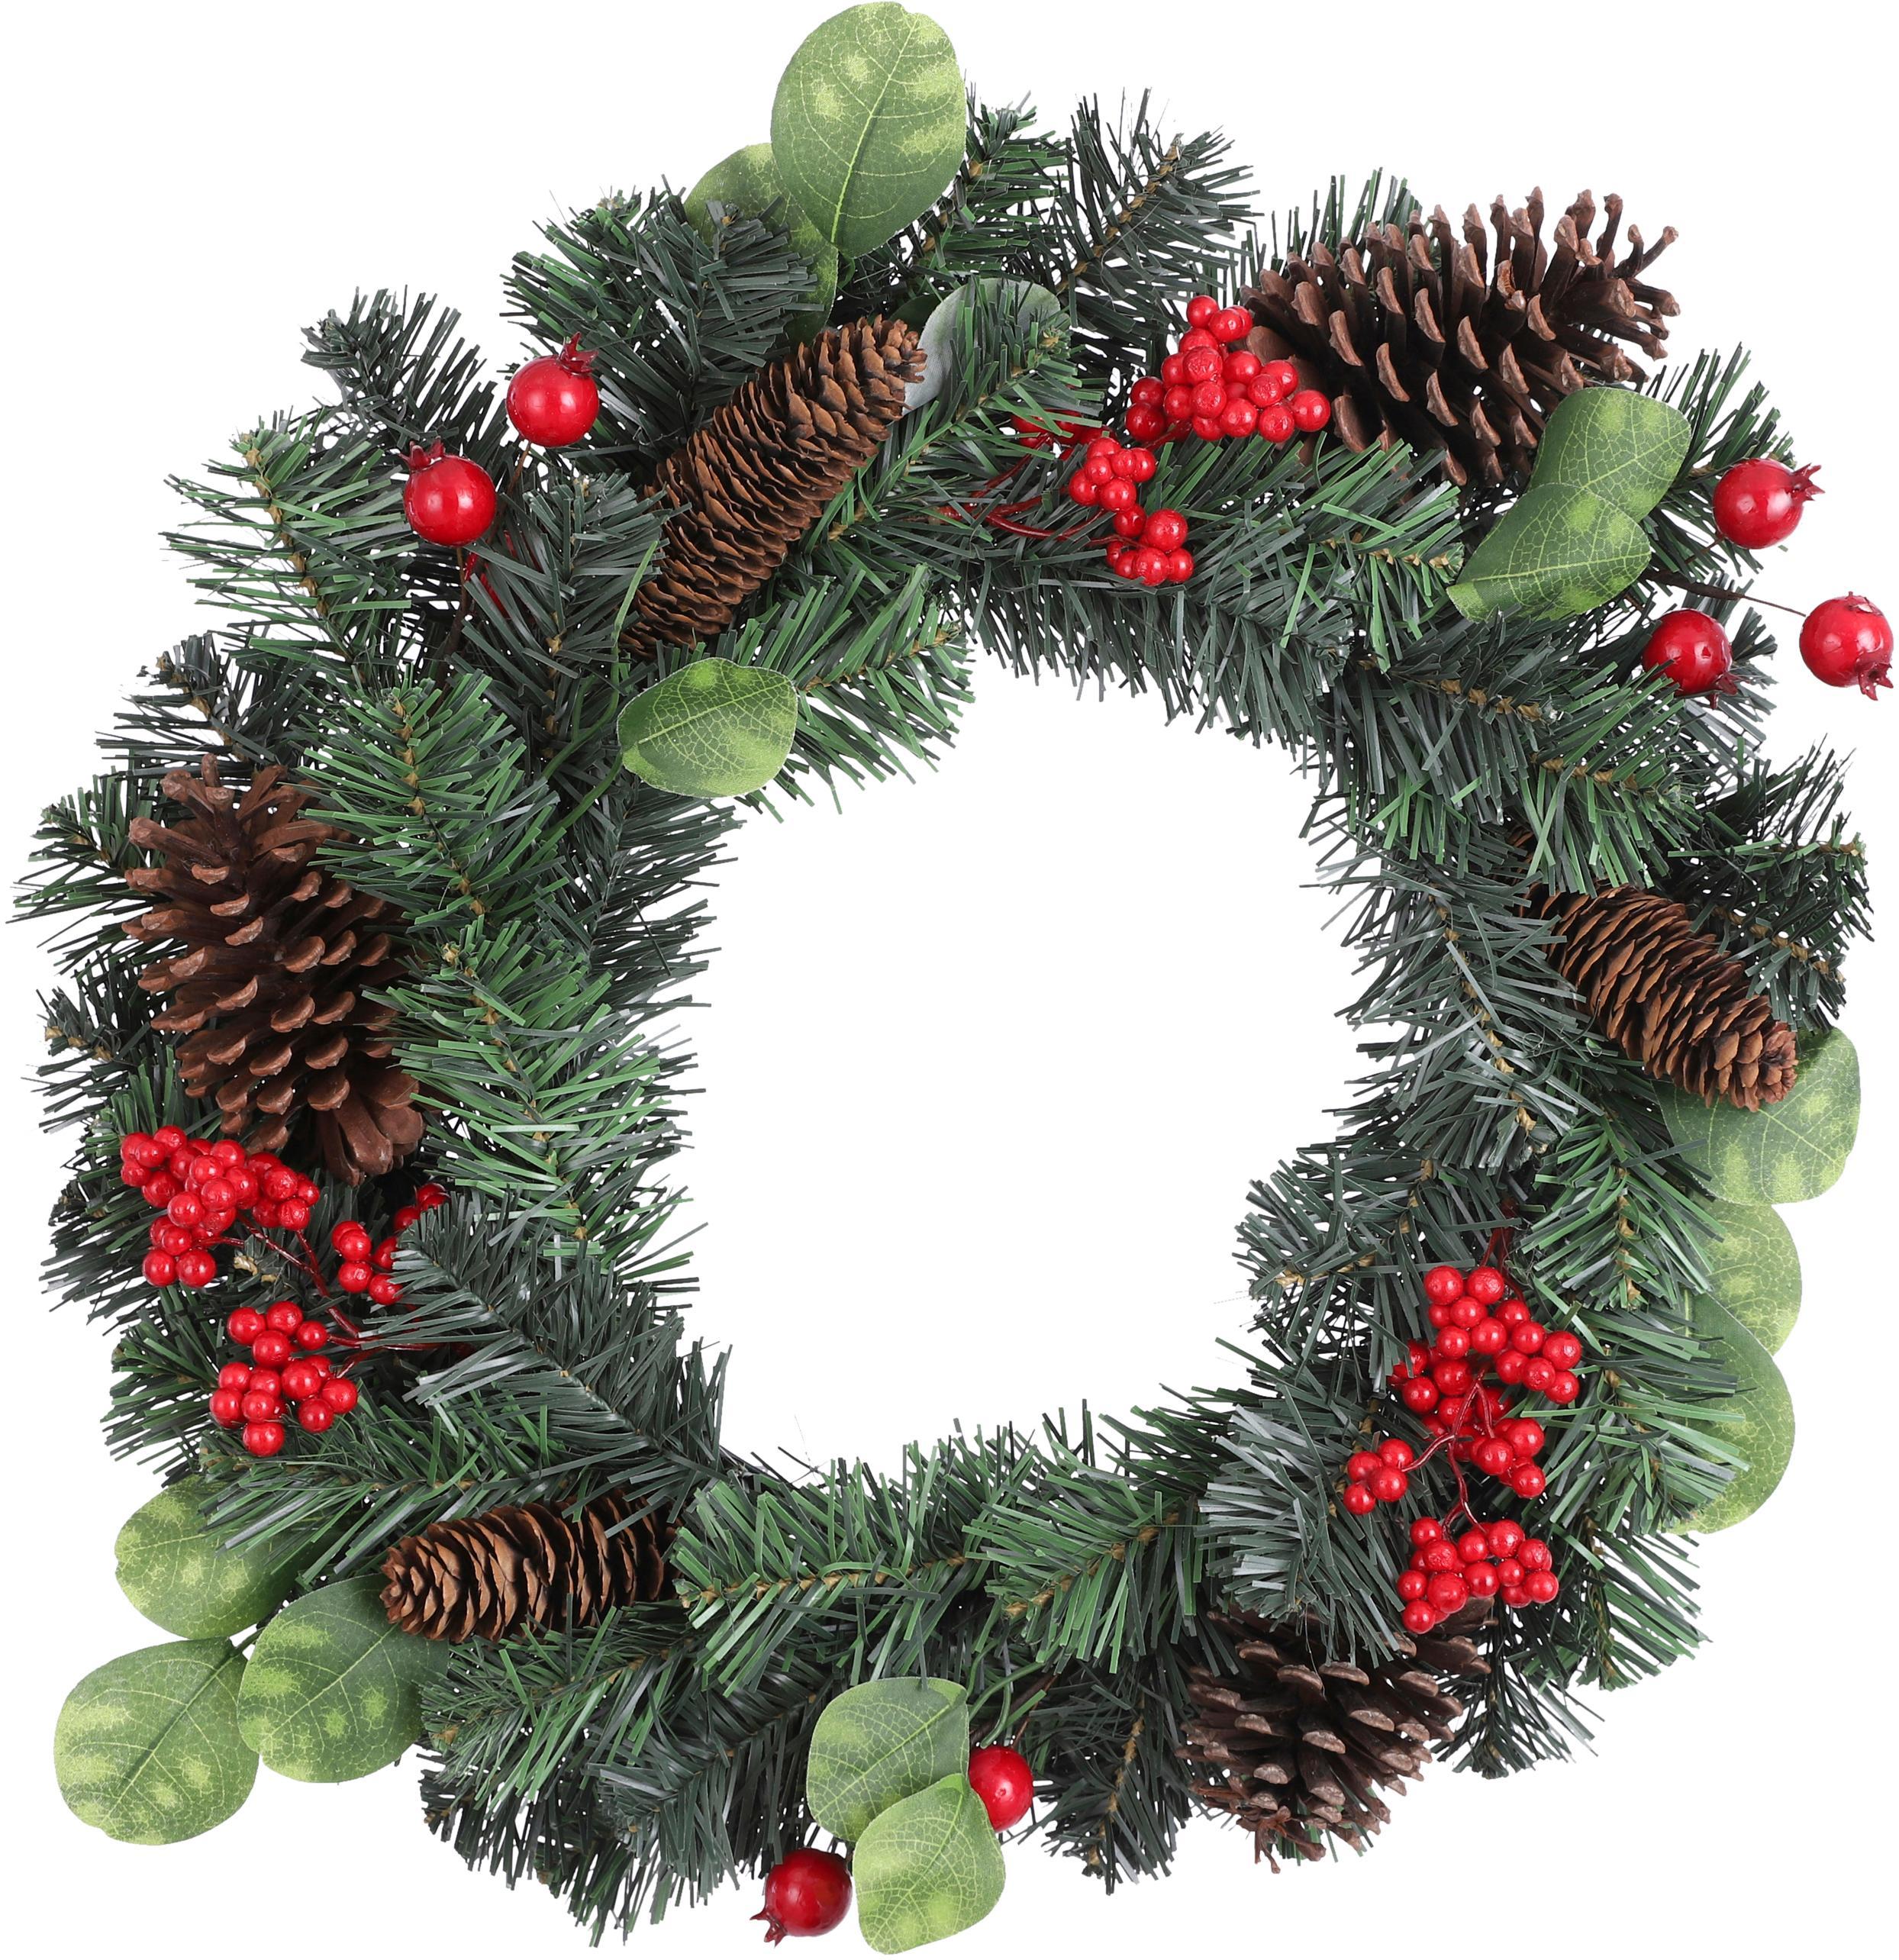 Decoratieve kerstkrans Matiz, Kunststof, Groen, rood, bruin, Ø 50 cm